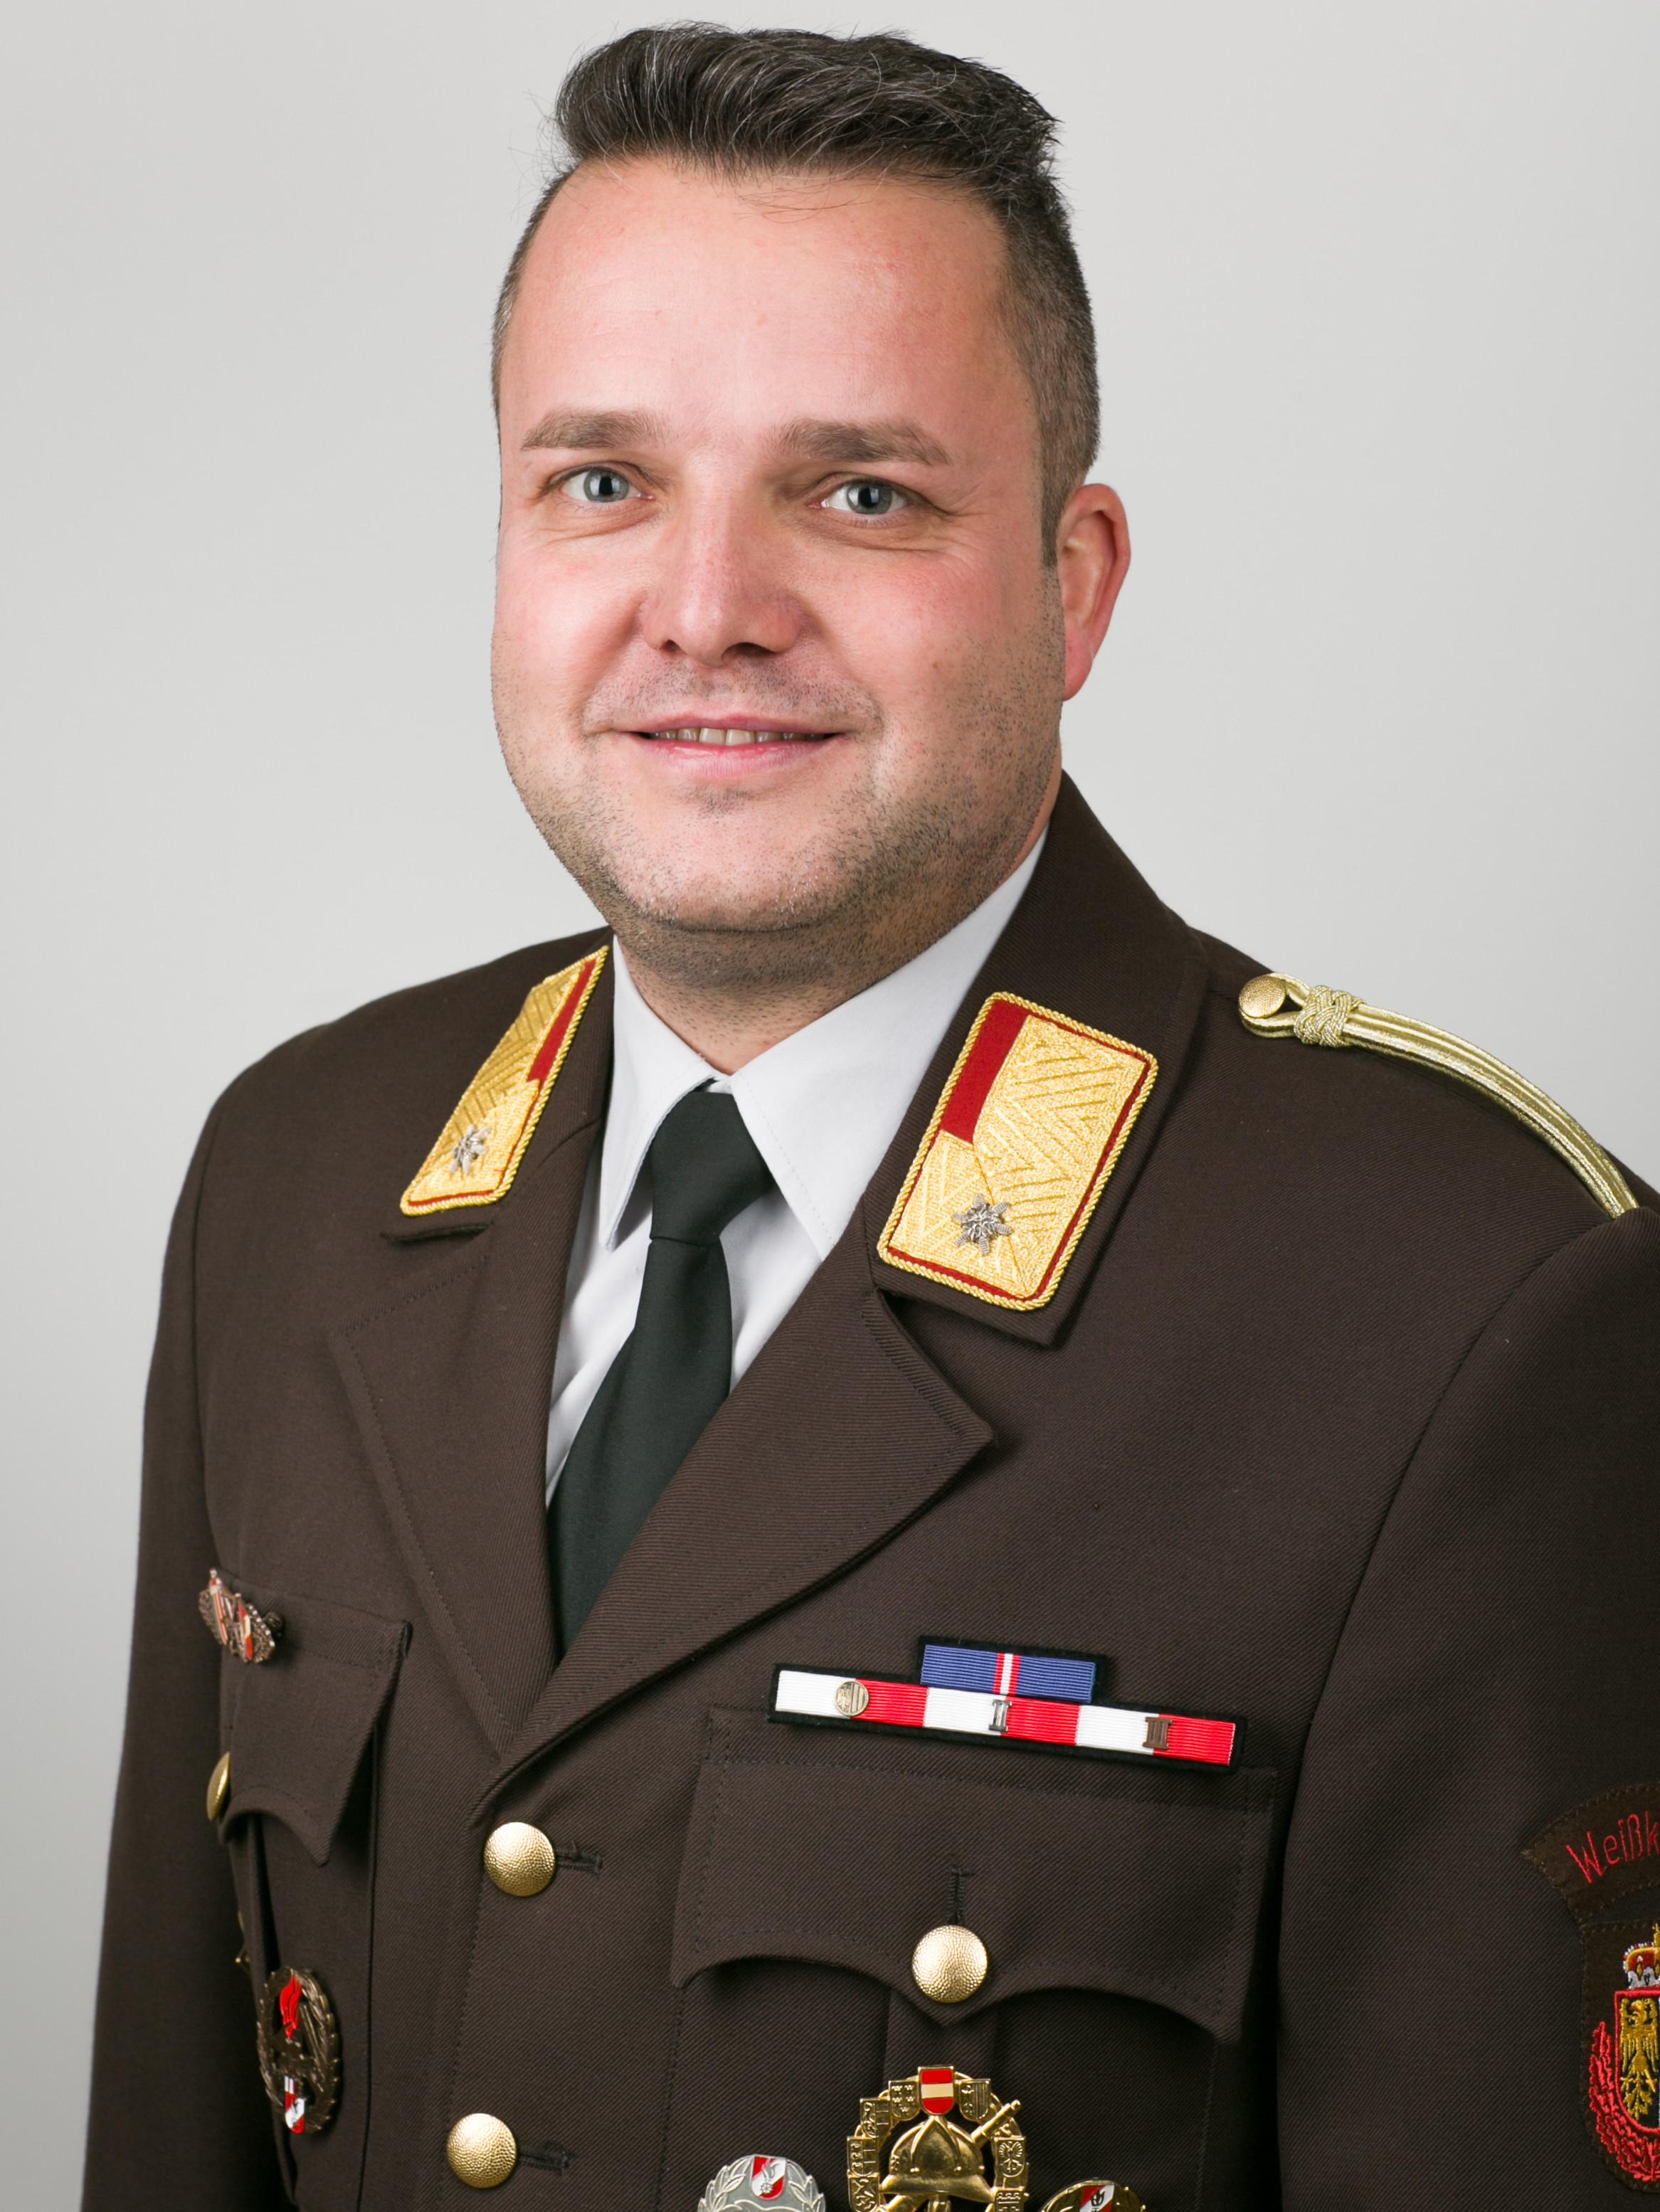 Thomas Stadlbauer